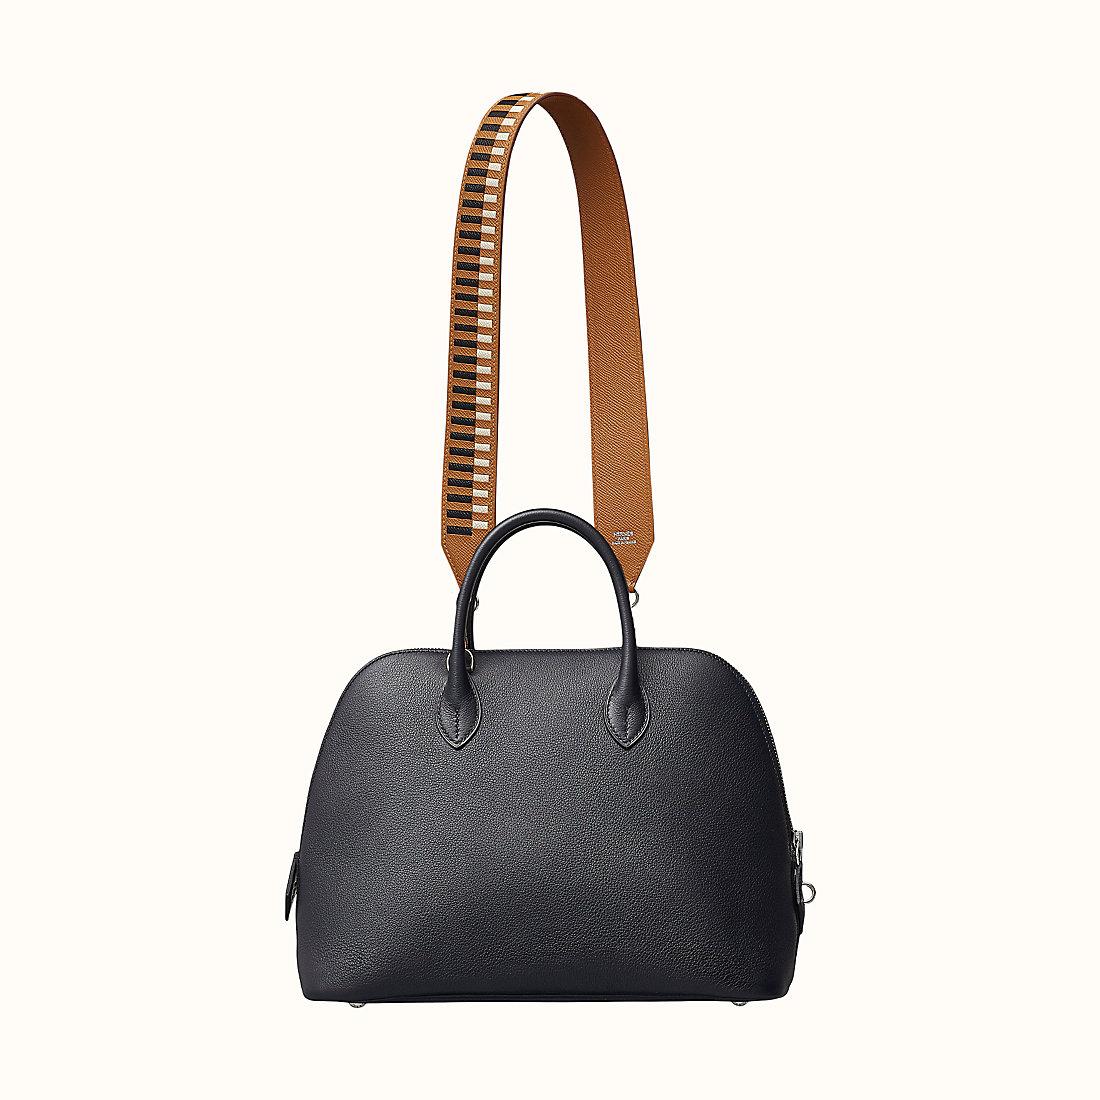 香港沙田區 Hermes Tressage cuir 肩帶40毫米 金色/黑色/粉筆白